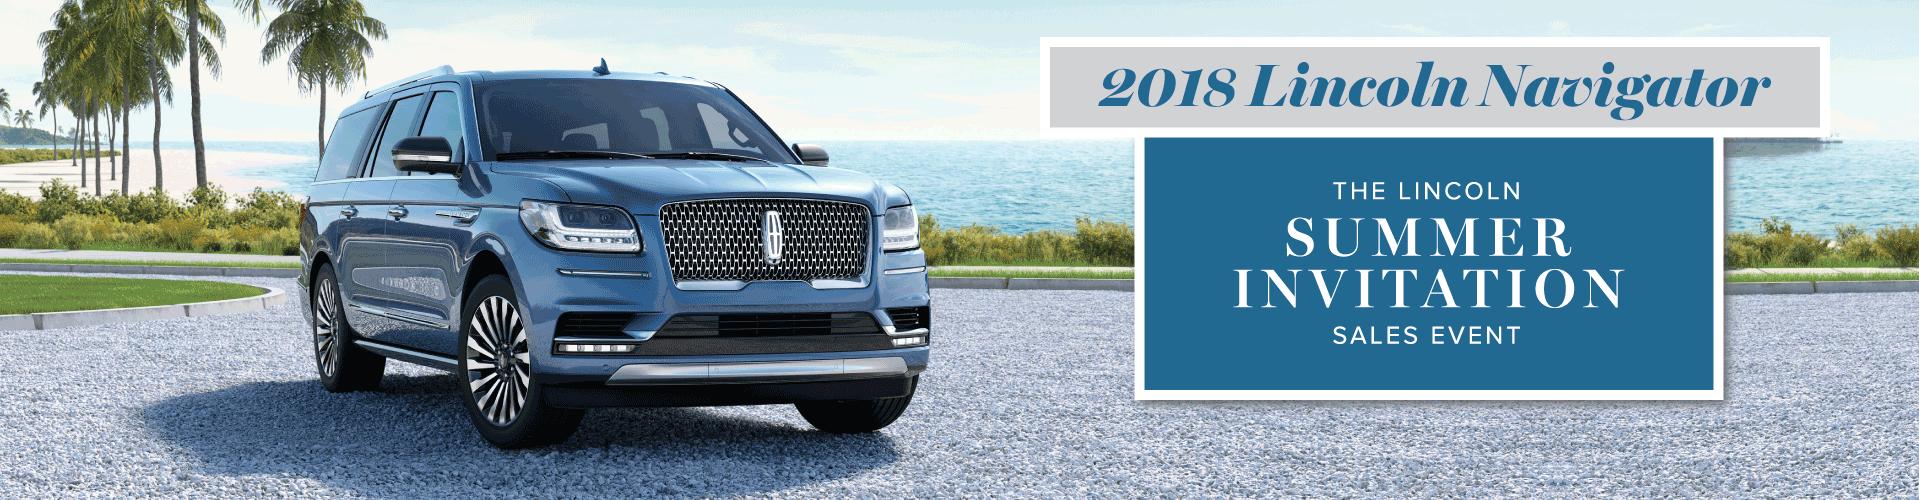 Lincoln Navigator 2018 Summer Invitation